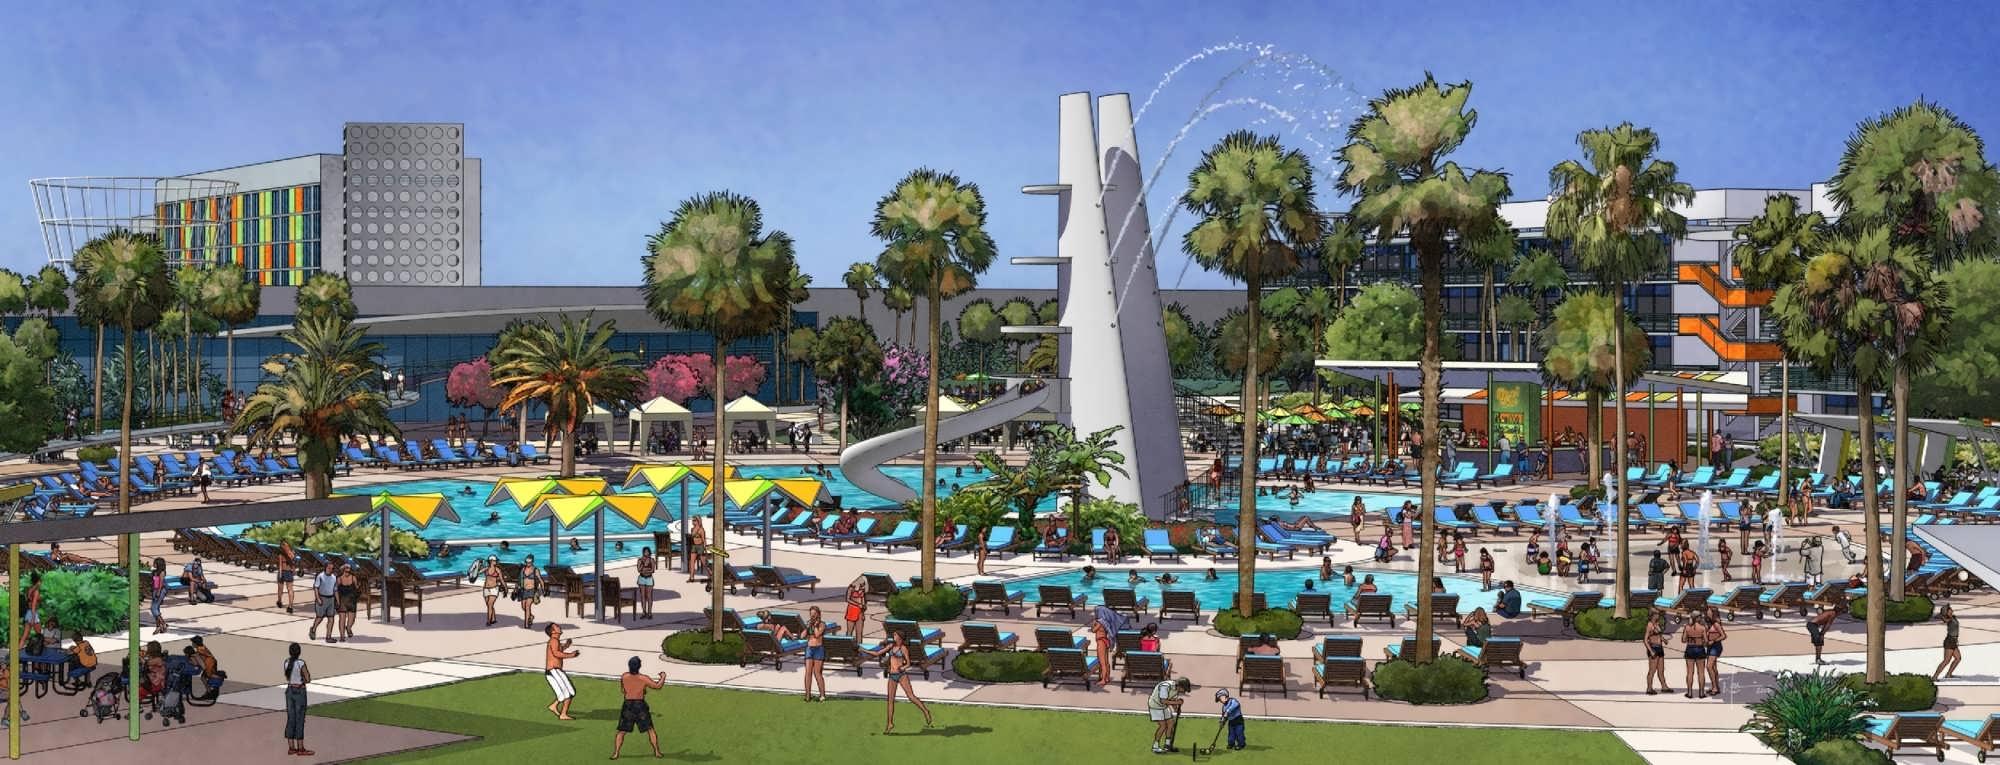 Universal Orlando S Cabana Bay Beach Resort